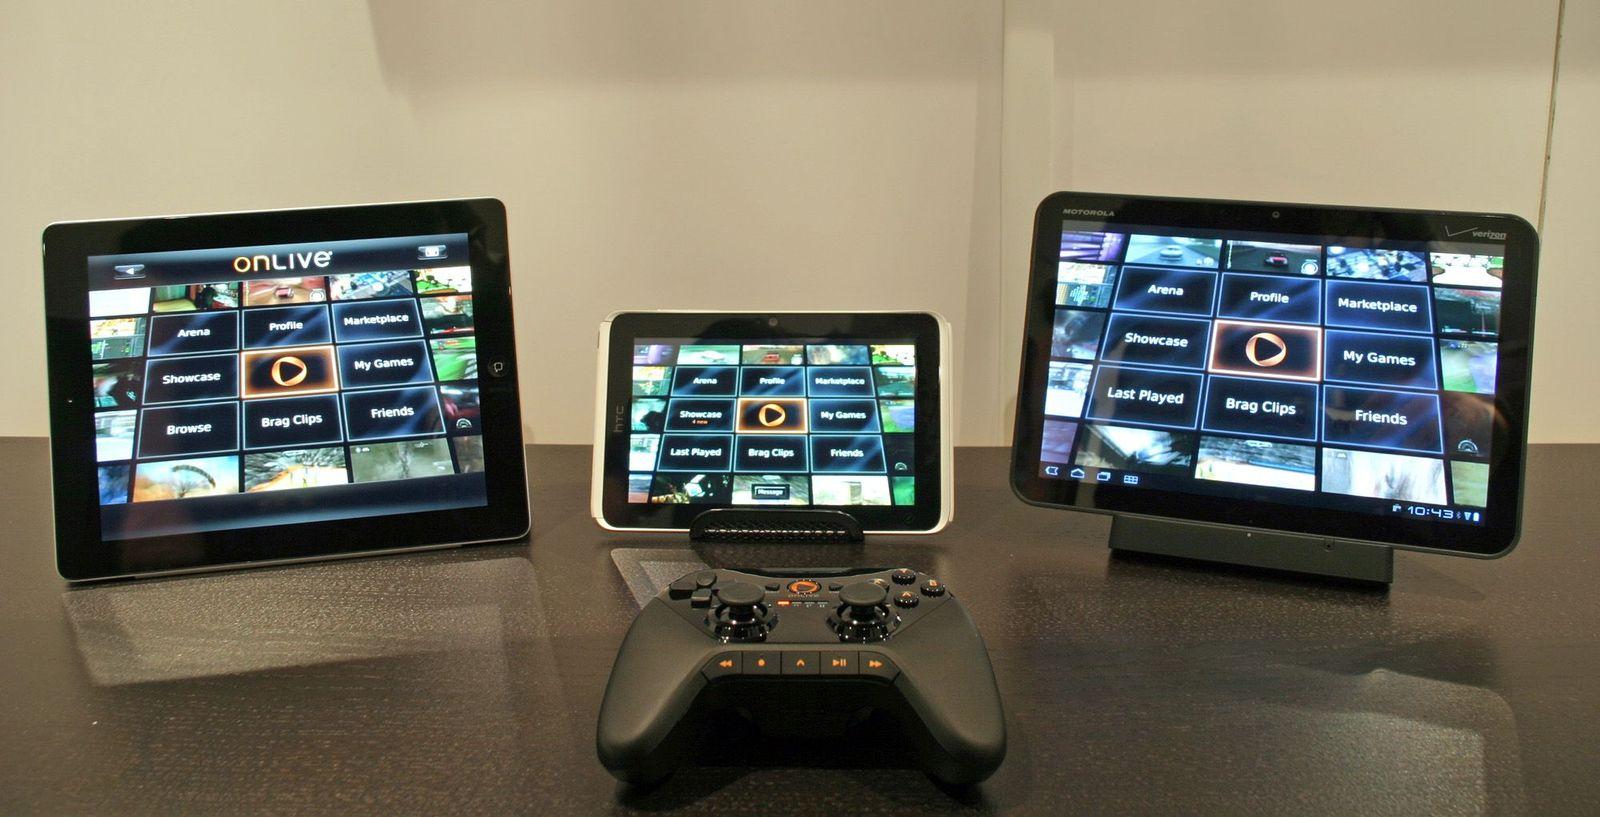 E3 2011 / Onlive Tablet